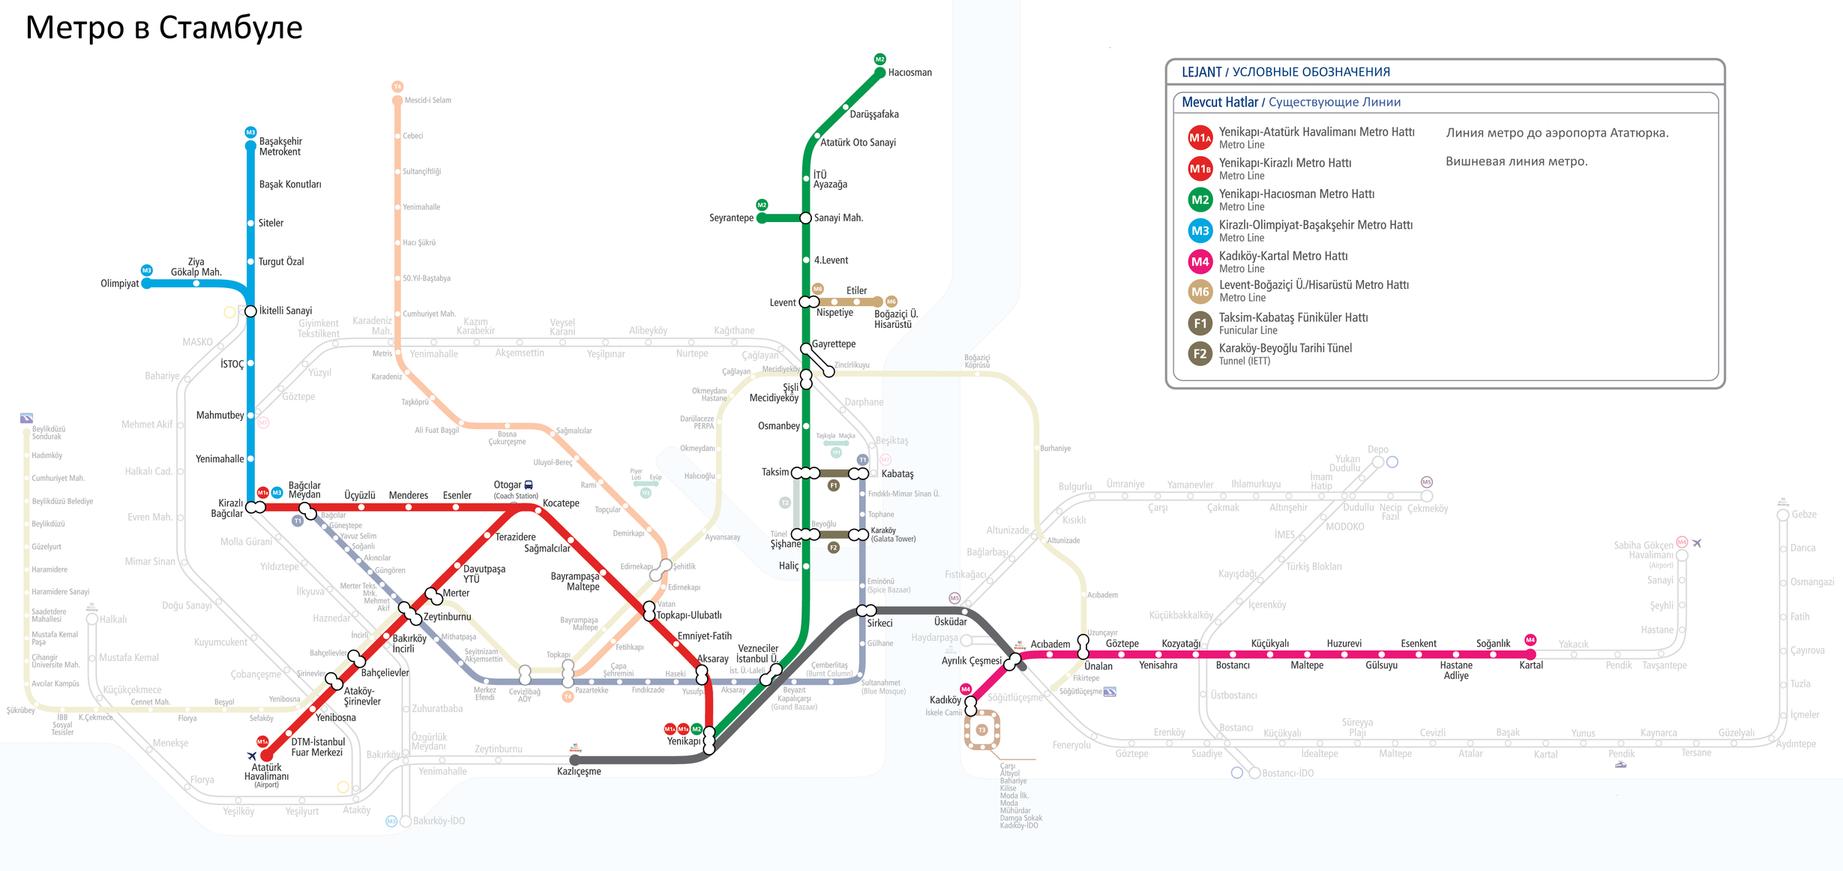 Схемы метро в стамбуле